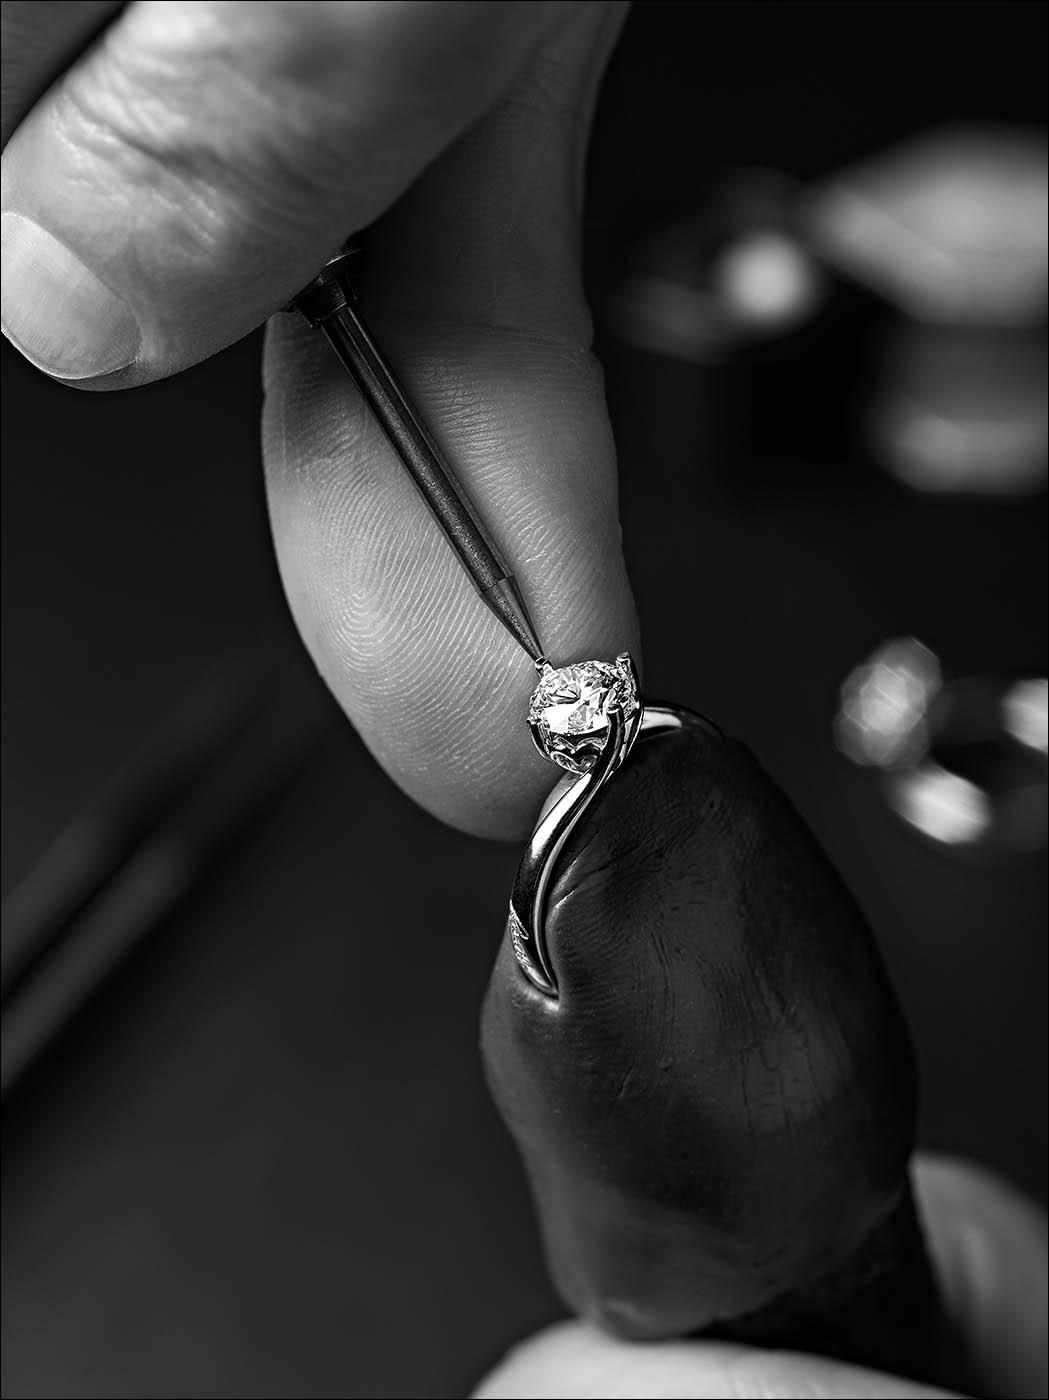 Fotografie di still life gioielli e prodotti luxury | Andrea Sudati Photo Studio